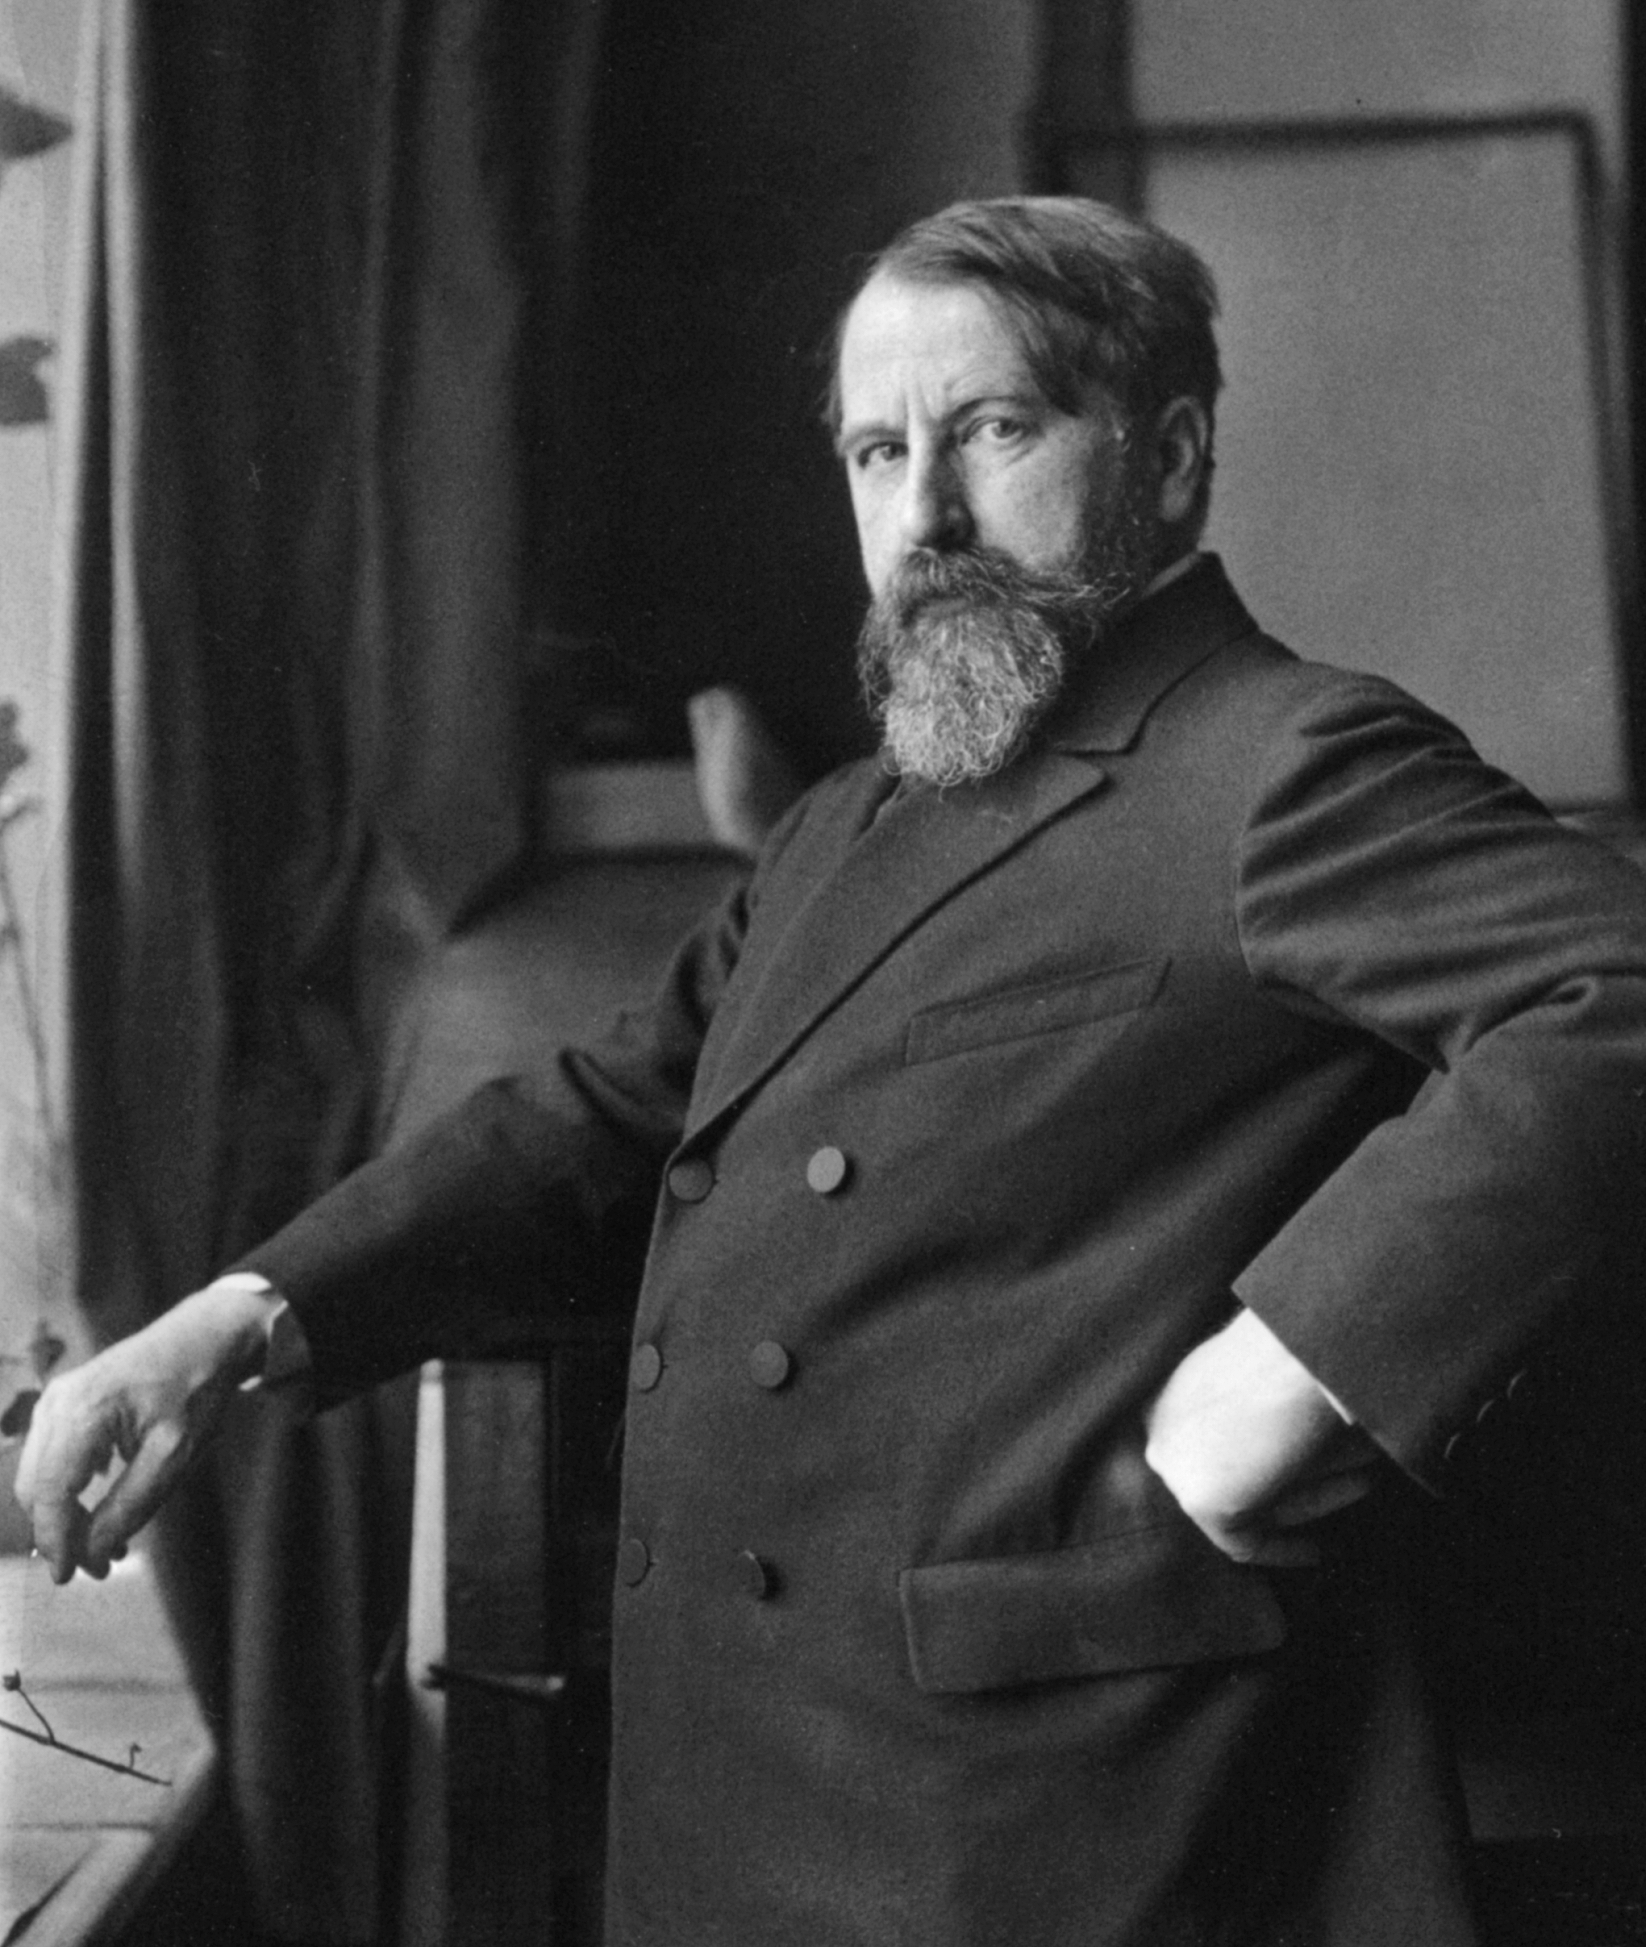 Arthur Schnitzler, ca. 1912